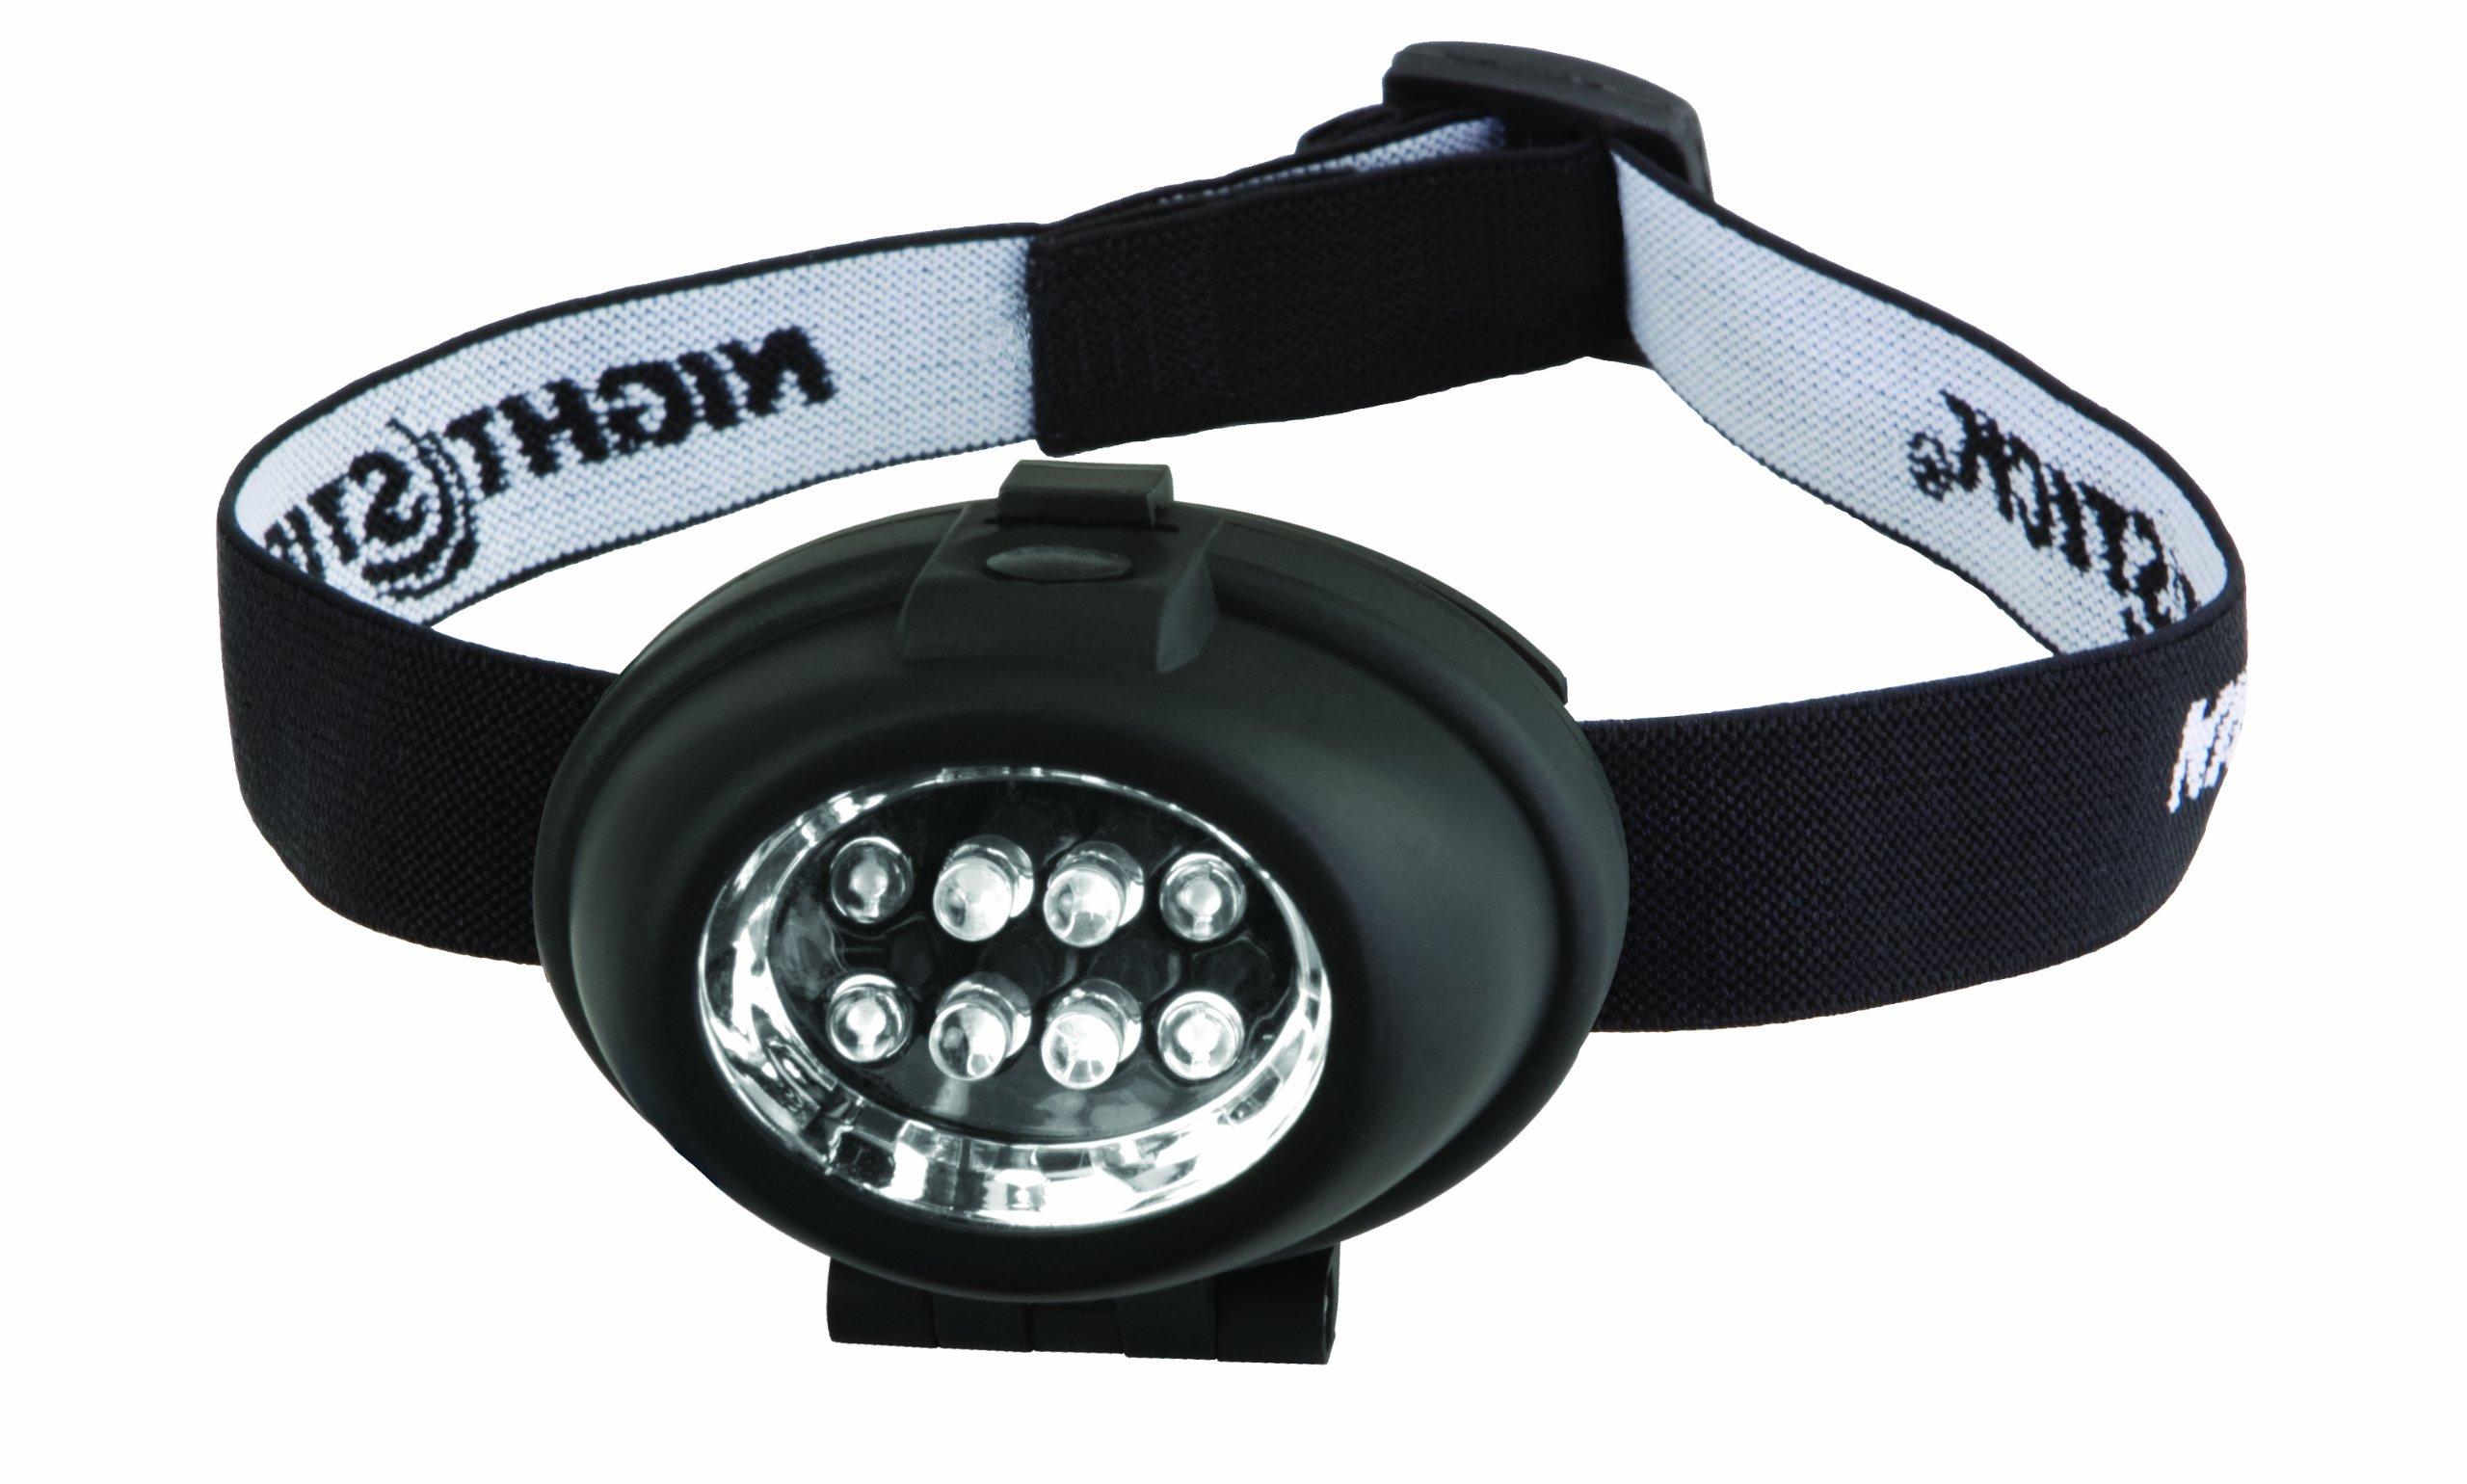 Bayco NSP-2208 Night Stick 8 LED Headlamp, Black